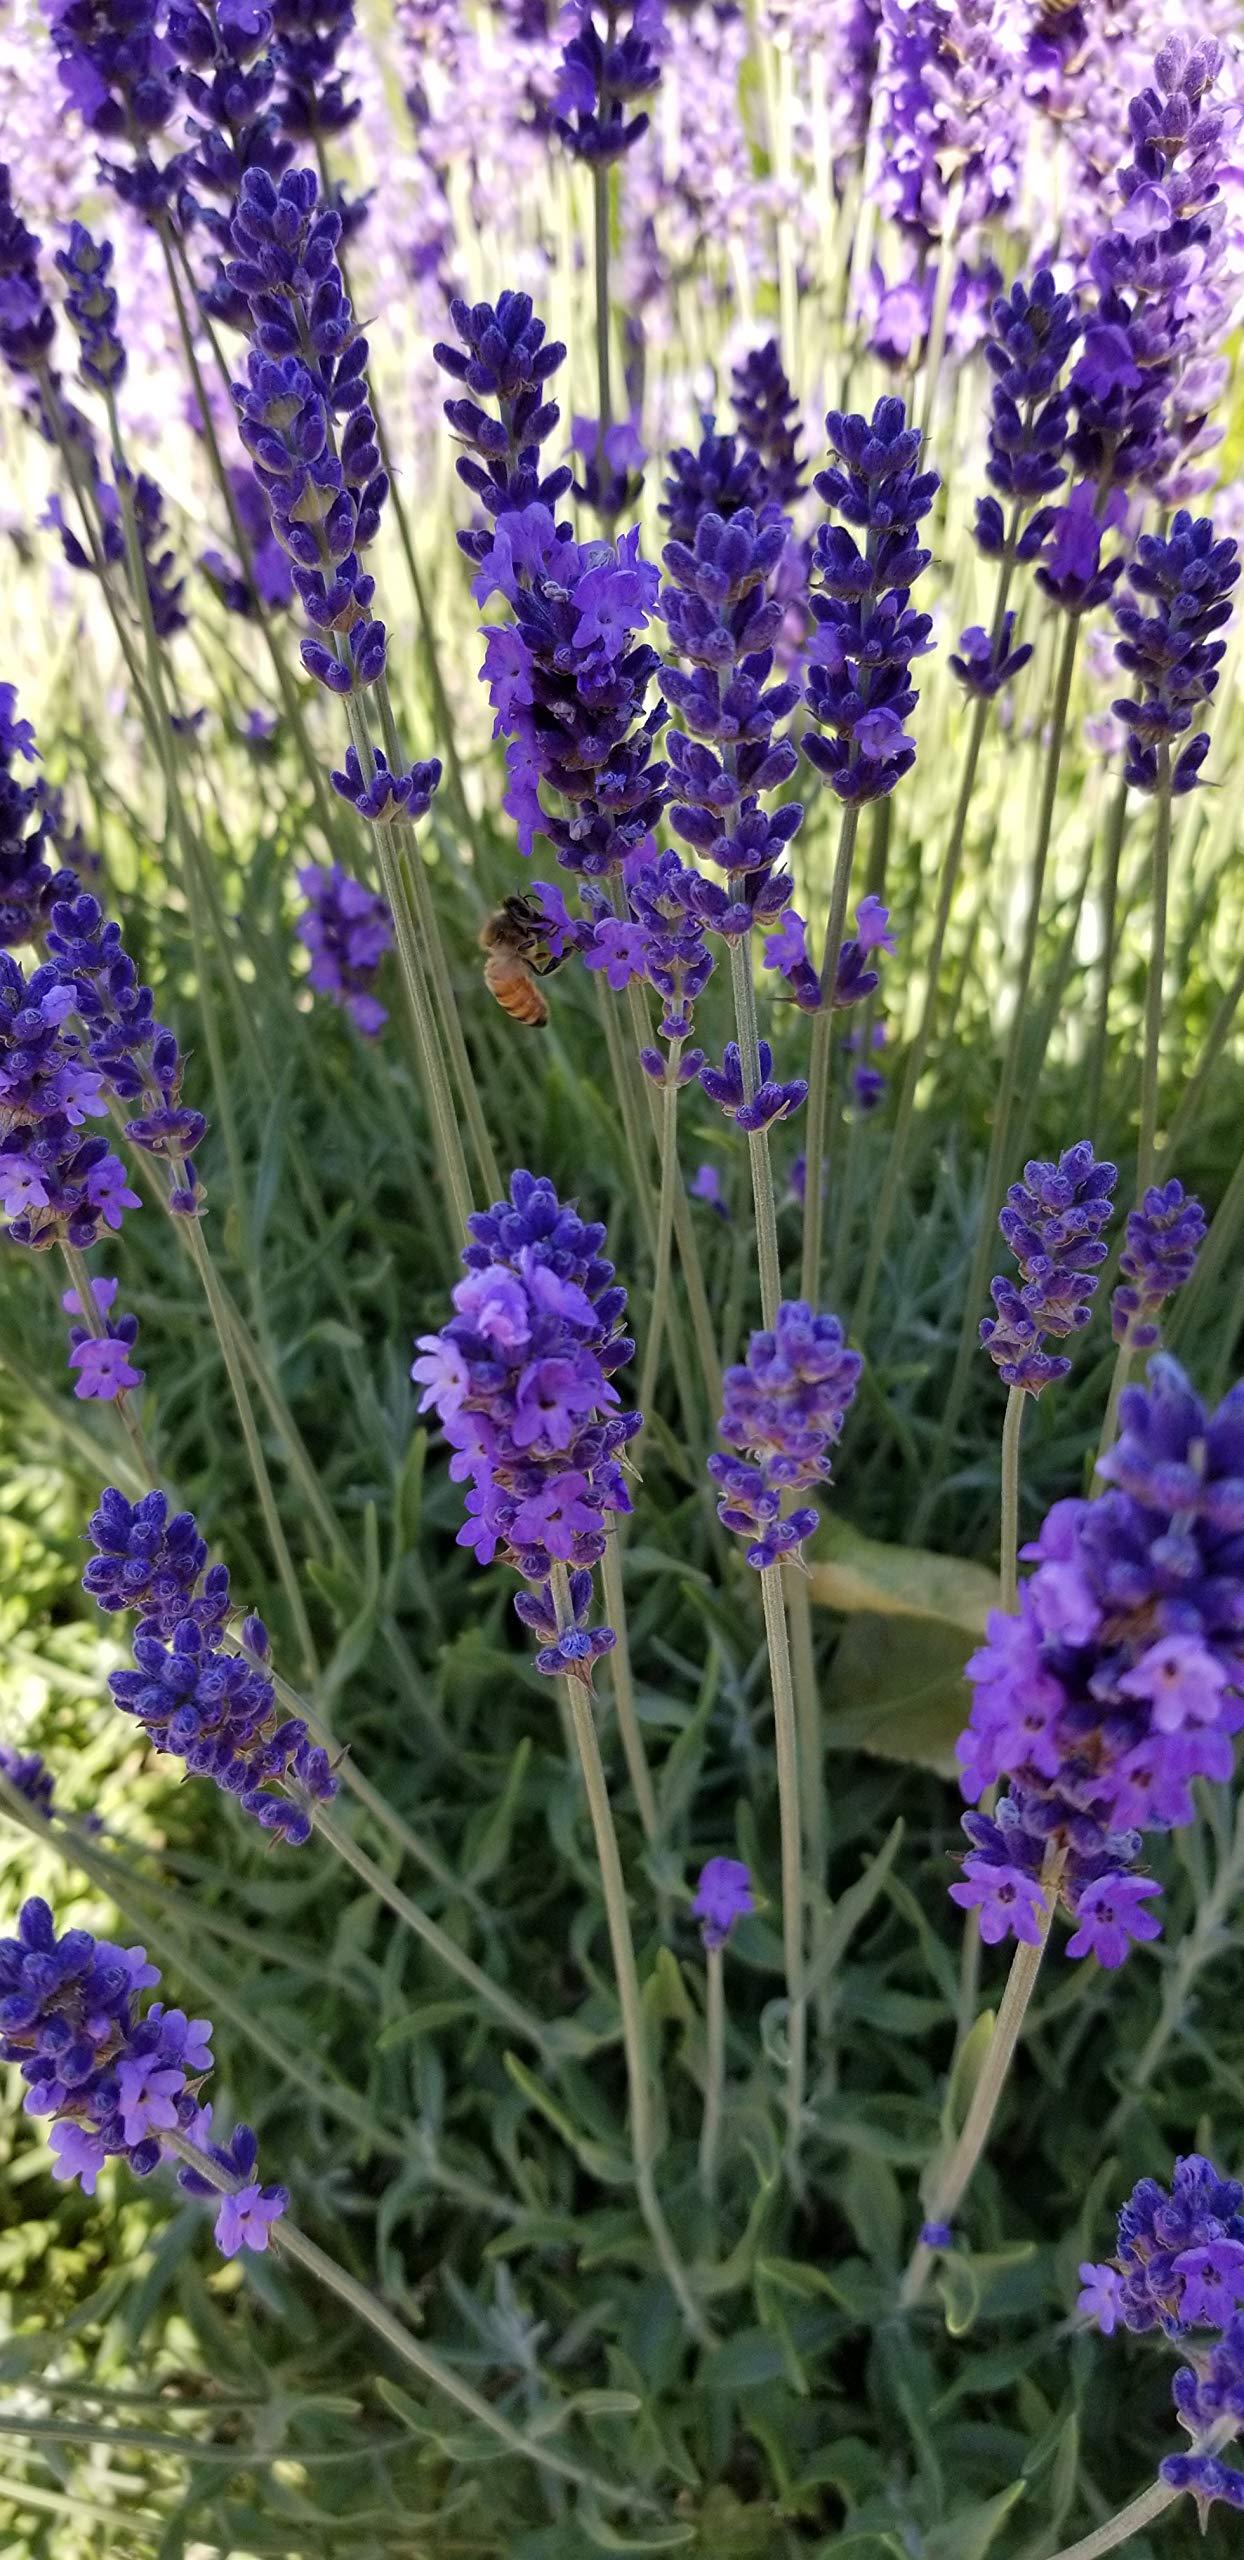 Findlavender - Hidcote Blue Lavender Plant - 4'' Size Pot - 8 Live Plants by Findlavender (Image #1)